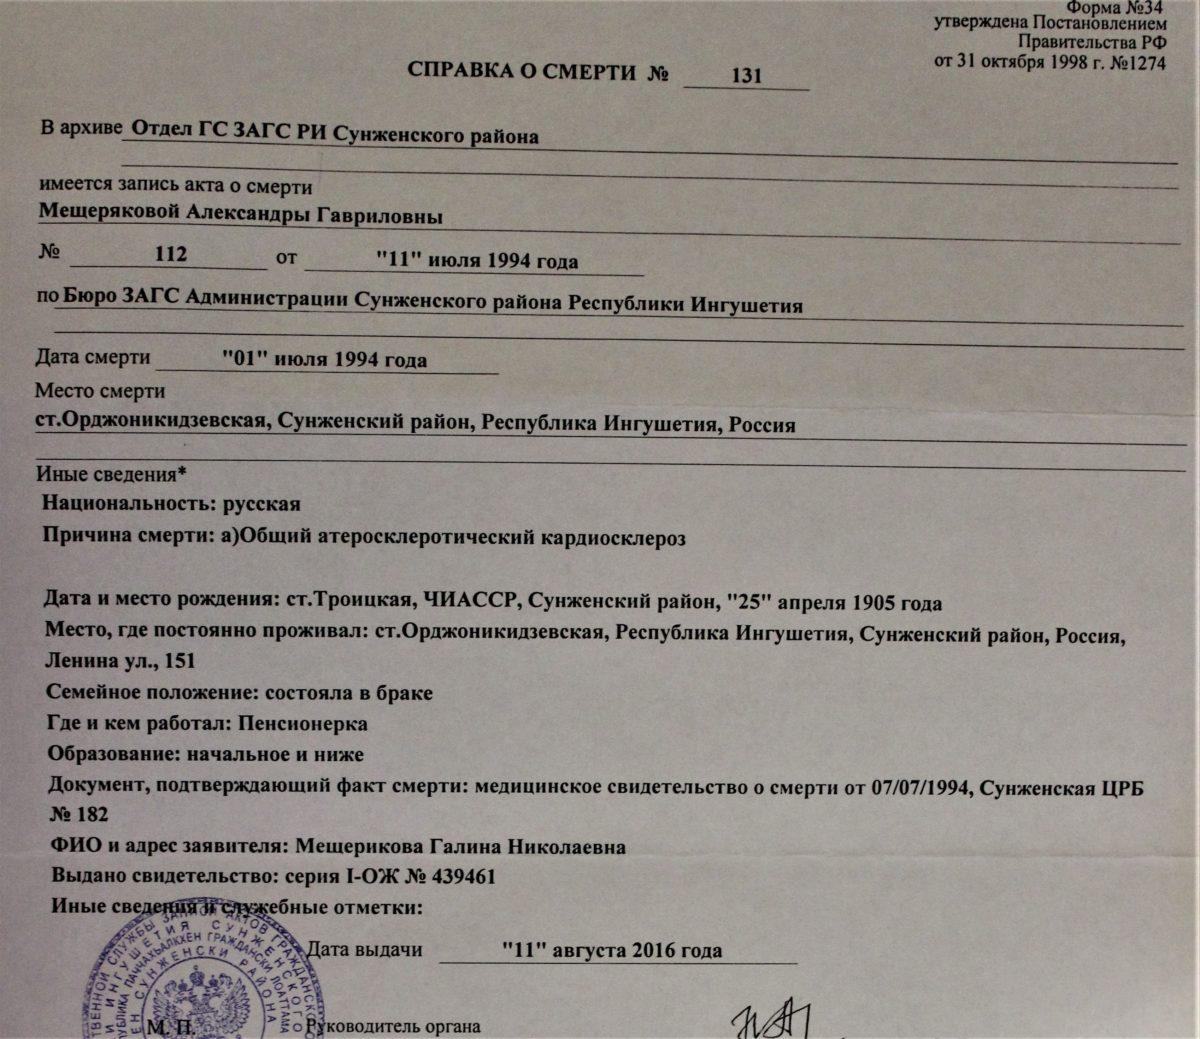 Справка  из ЗАГС о смерти Мещеряковой (Зотова) Александры Гавриловны . Наследственное дело